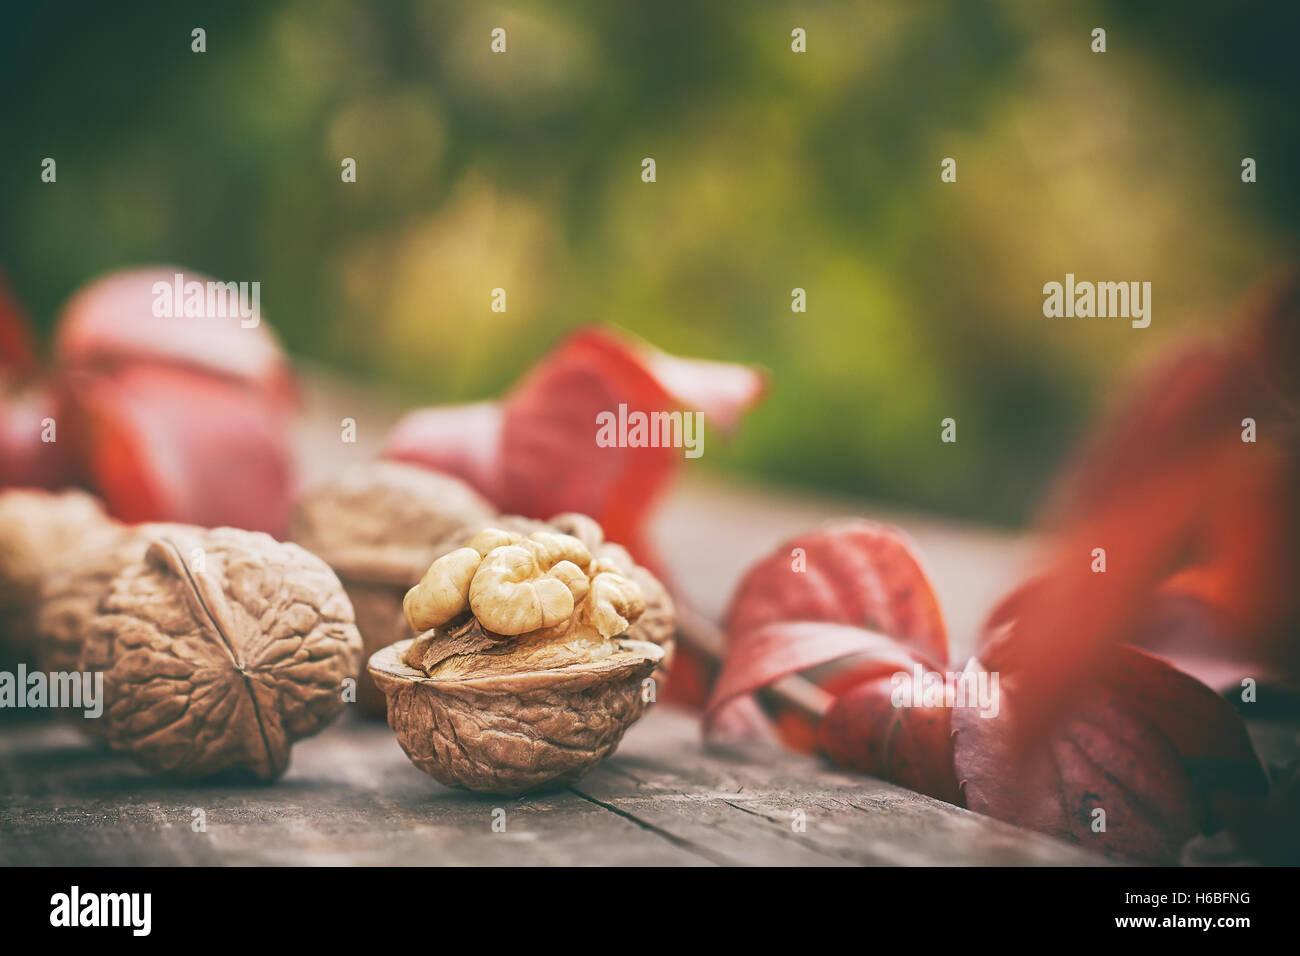 Las nueces sobre la mesa de madera. Borroso fondo verde con un montón de espacio de copia Imagen De Stock